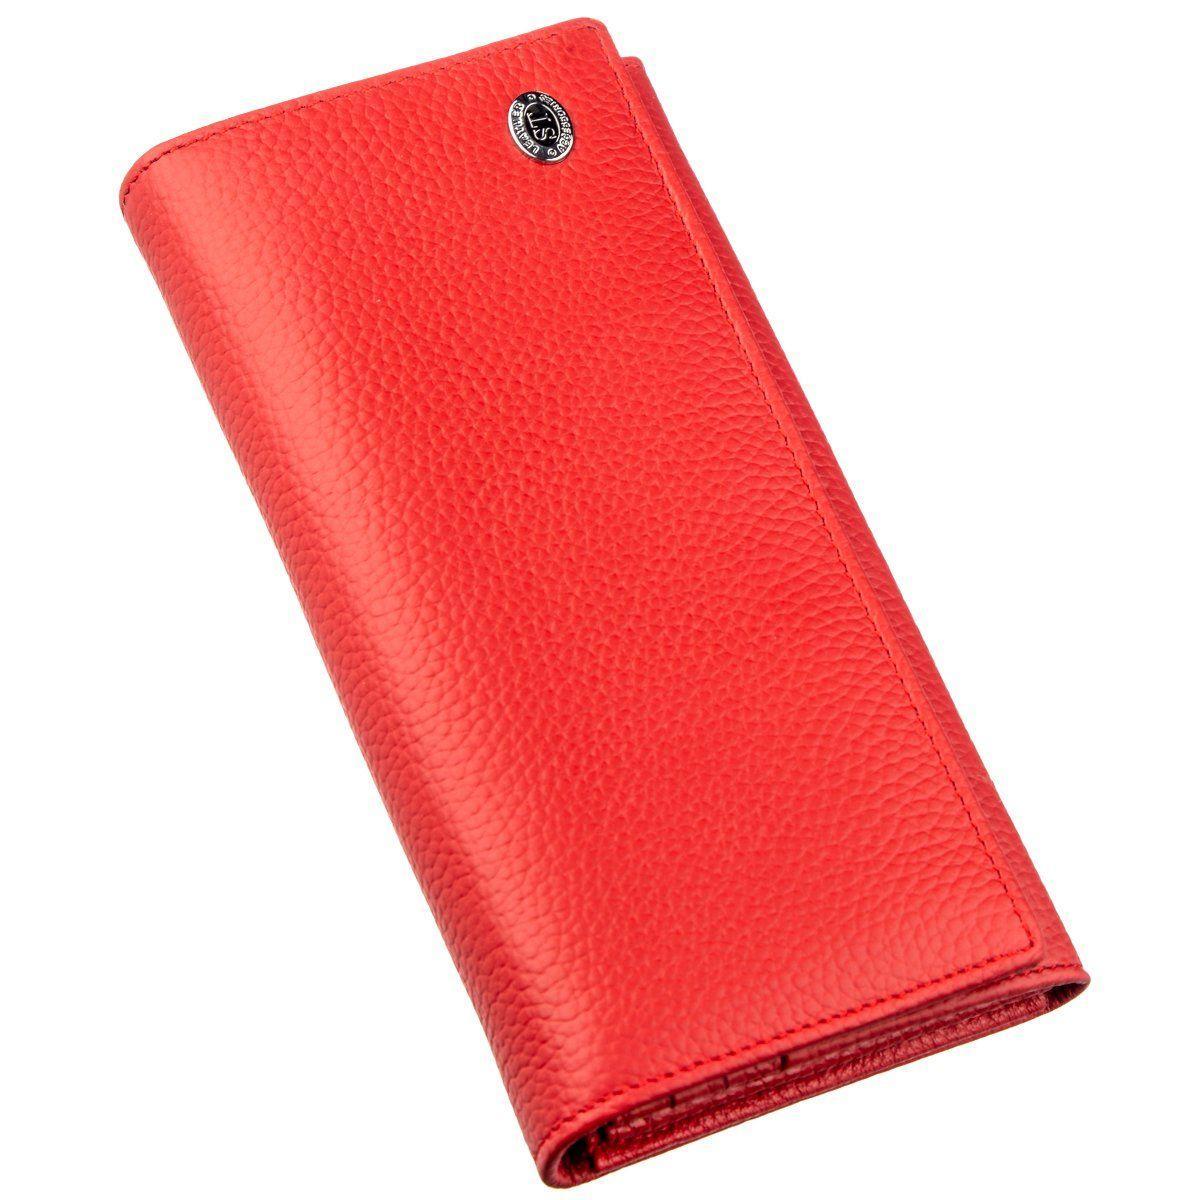 Чудесный женский кошелек ST Leather 18858 Красный, Красный